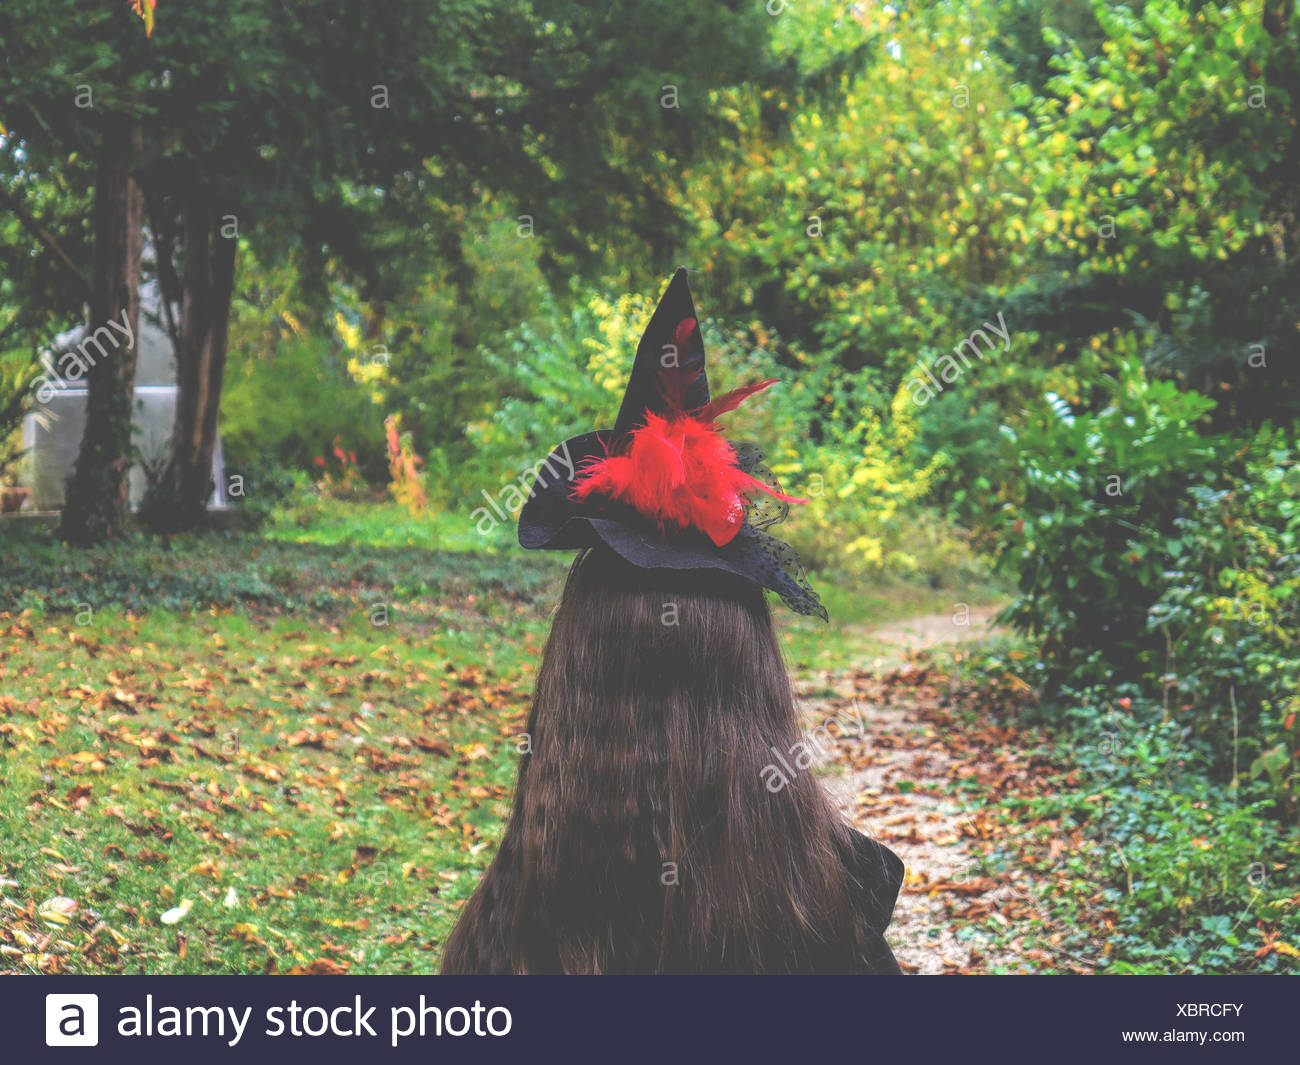 Rear View of Woman Wearing Hat et l'article sur le terrain au milieu des arbres Photo Stock